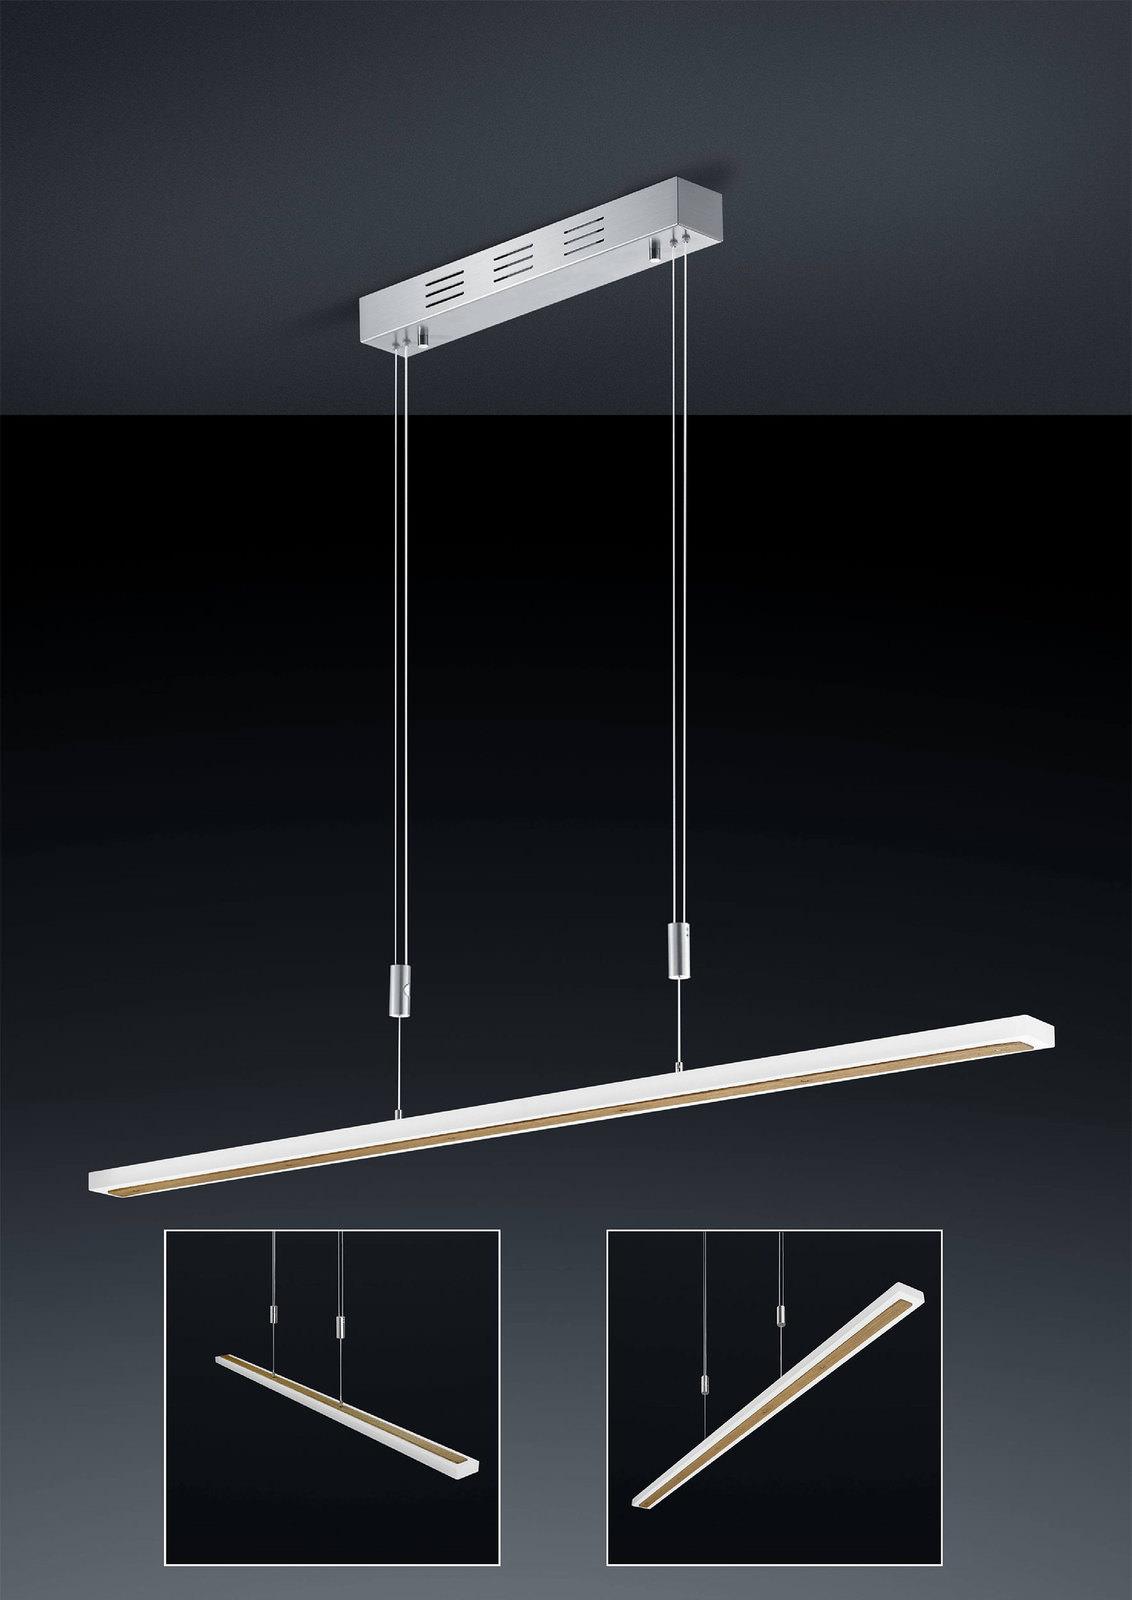 Bankamp led pendelleuchte gaya wood online entdecken for Lampen ratingen